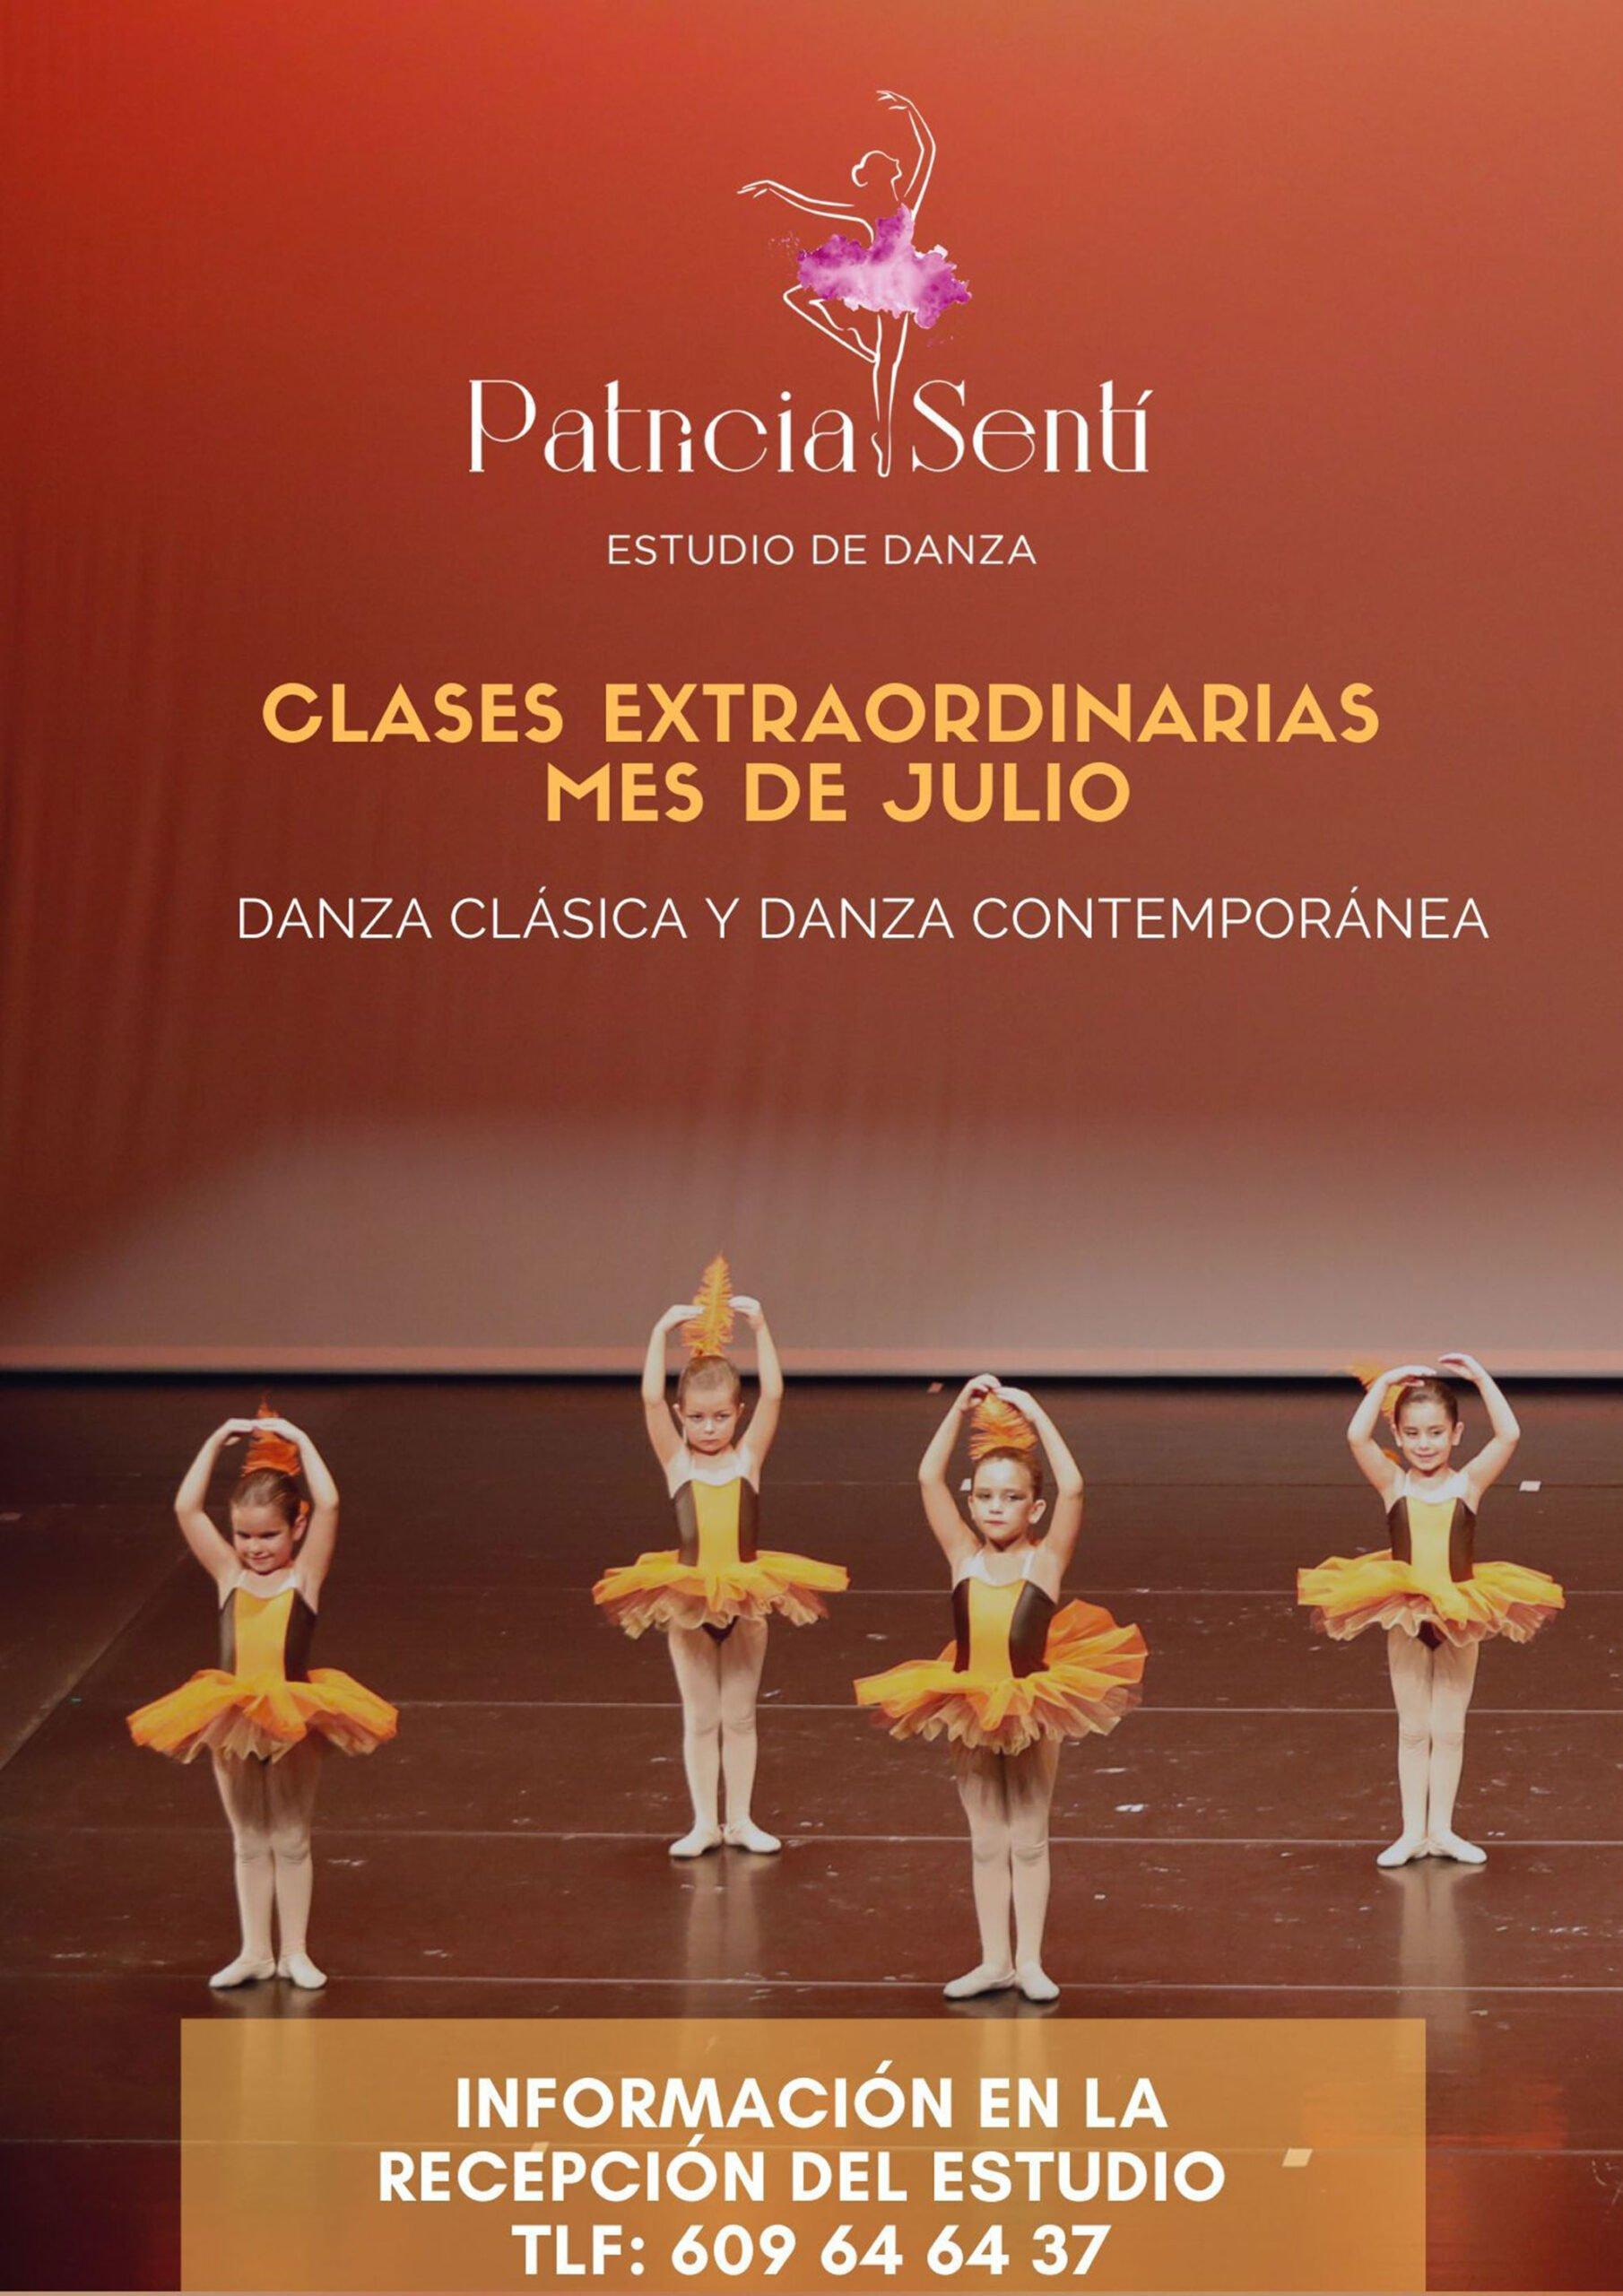 Clases extraordinarias en julio – Estudio de Danza Patricia Sentí